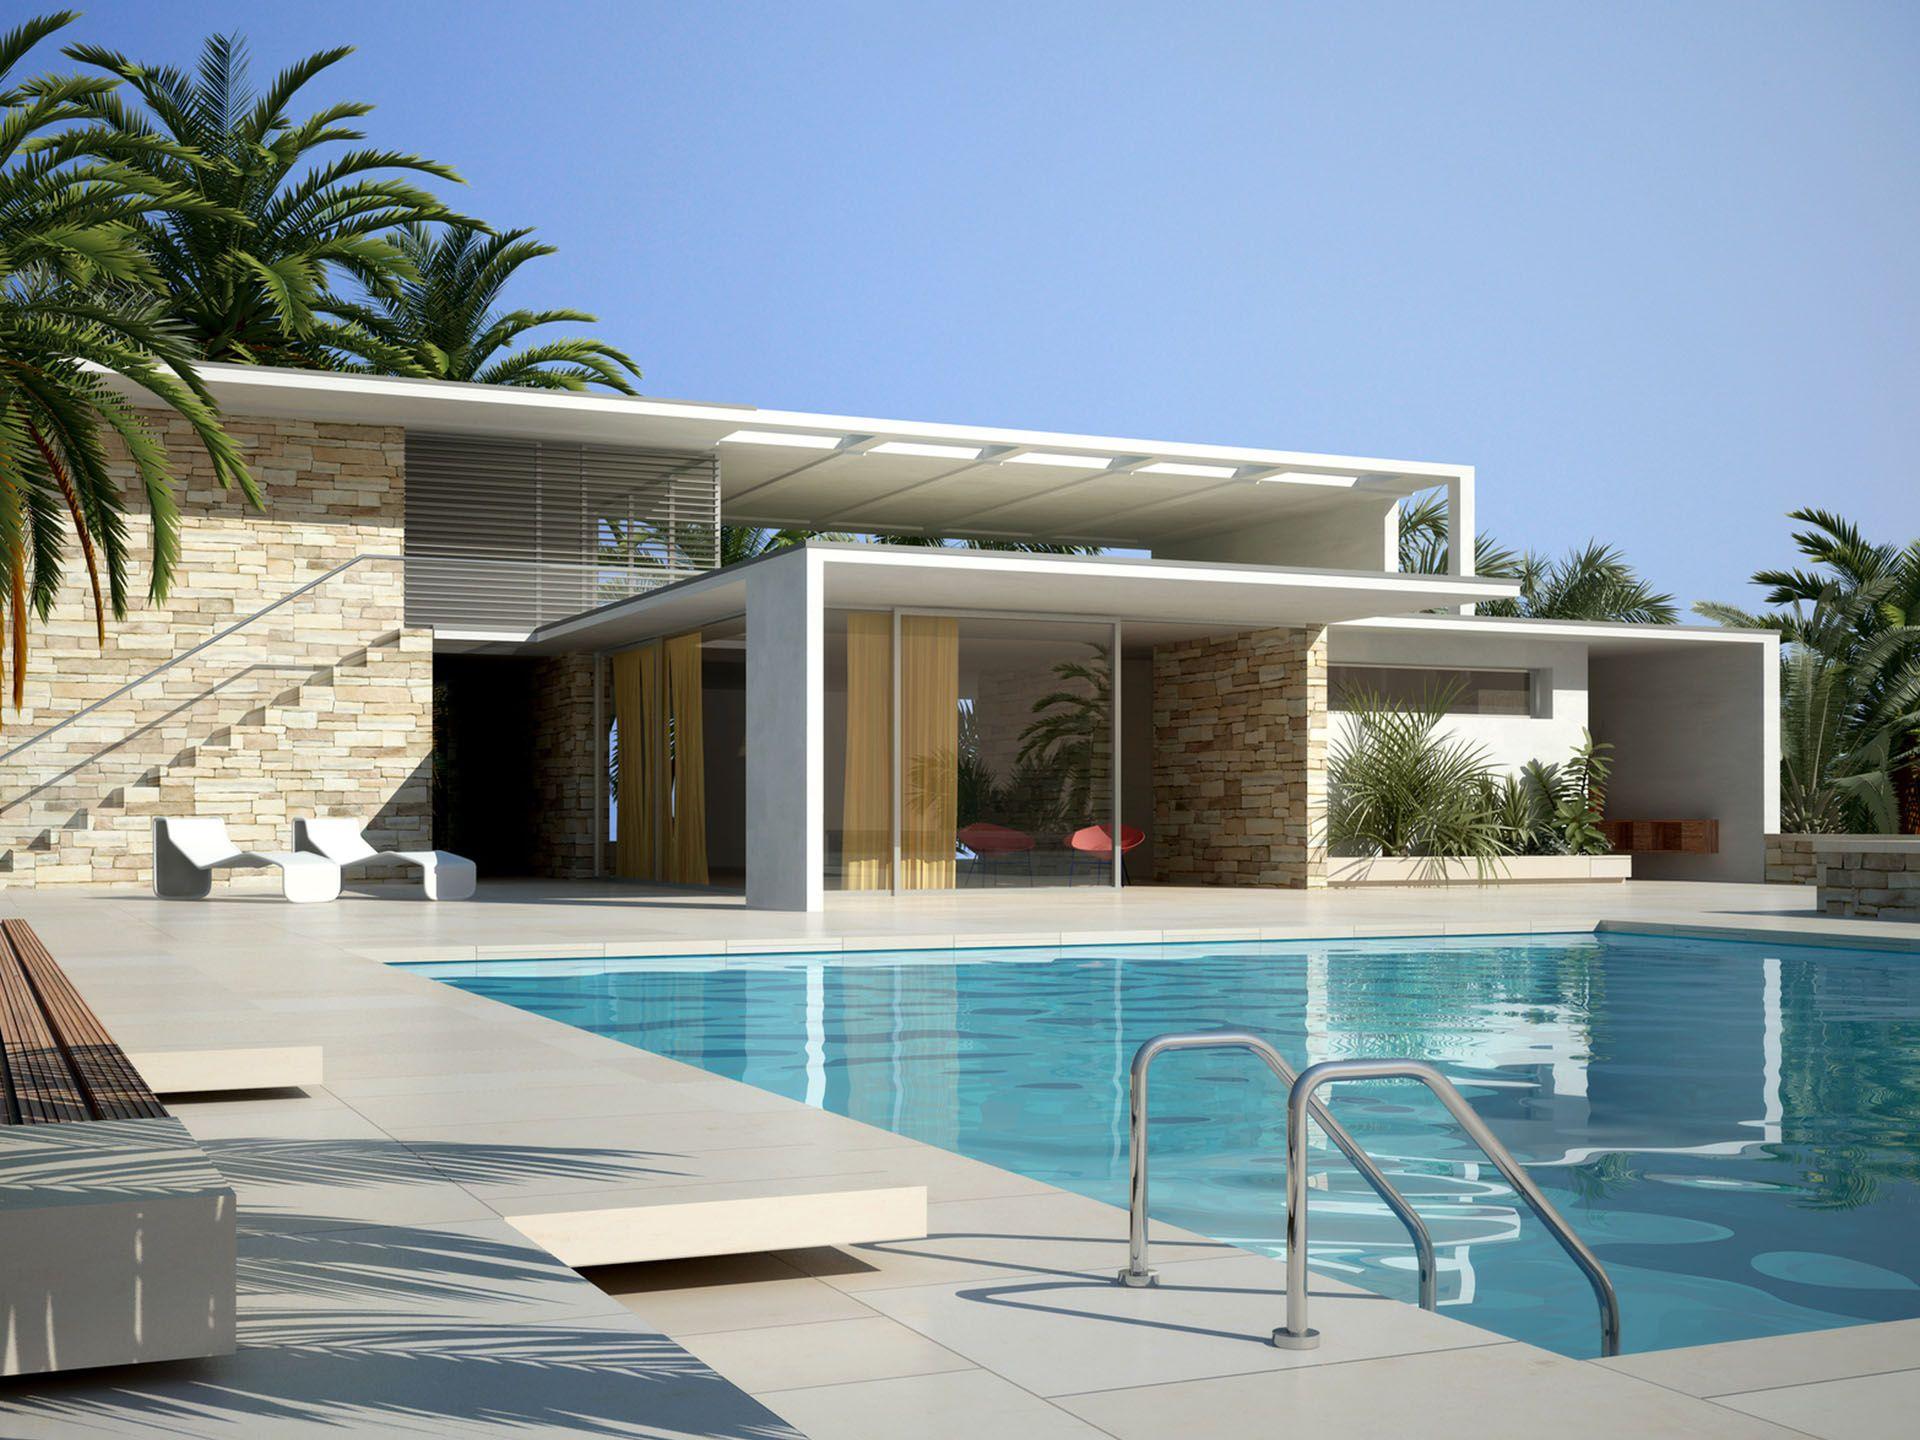 Maison moderne arches cubiques architecture façade pinterest villa de reve villa et terrain en pente